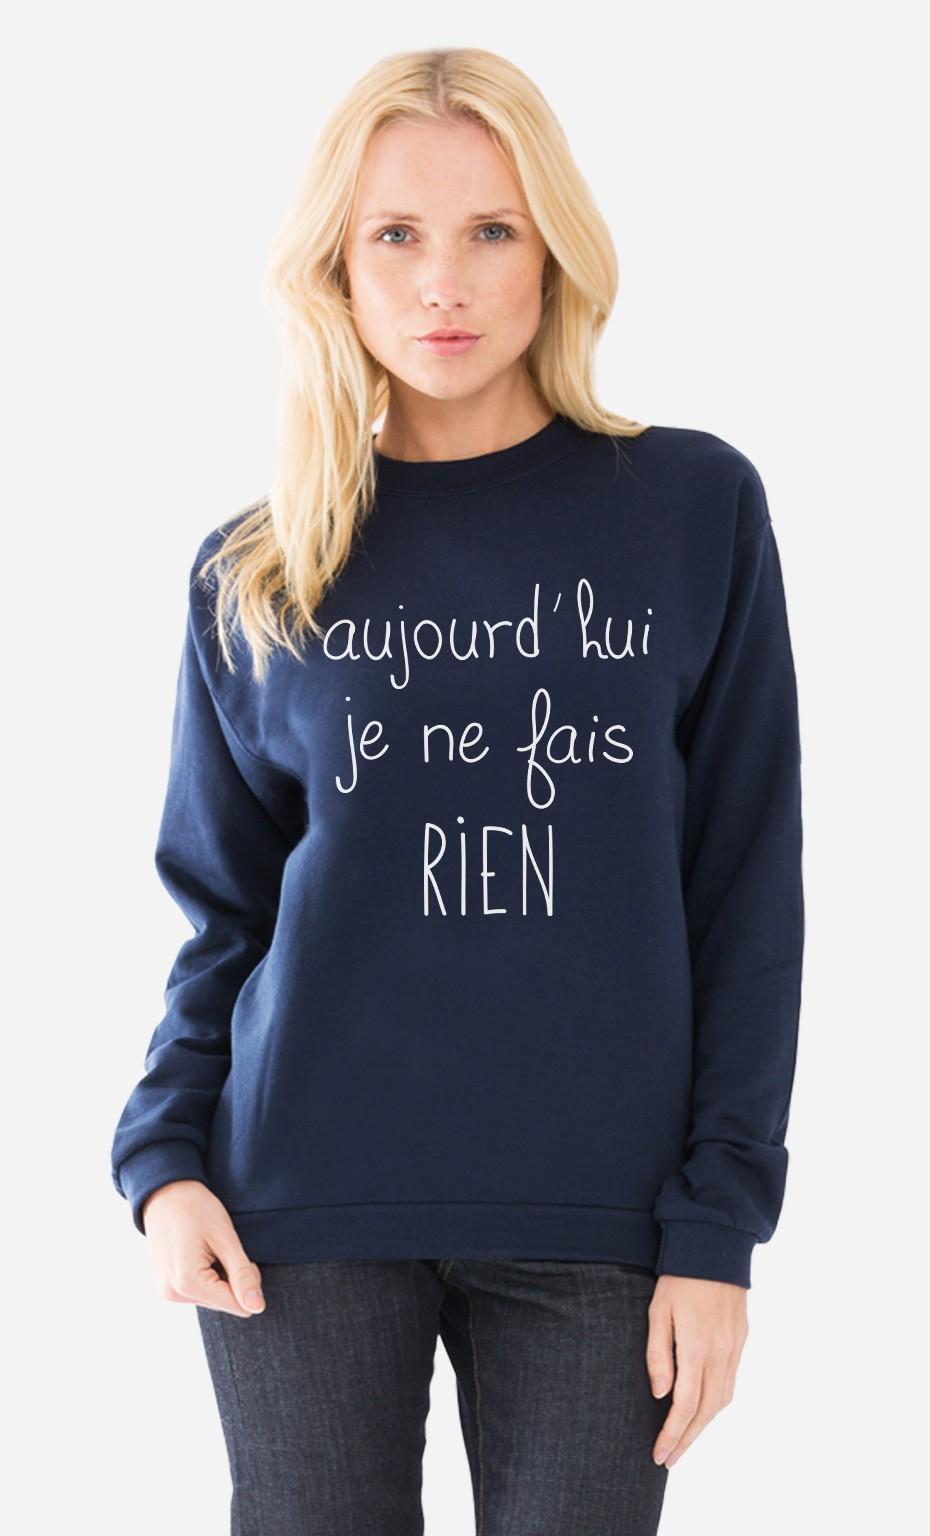 Sweat Femme Aujourd hui Je ne Fais Rien phrases drôles - Wooop dd8641661154